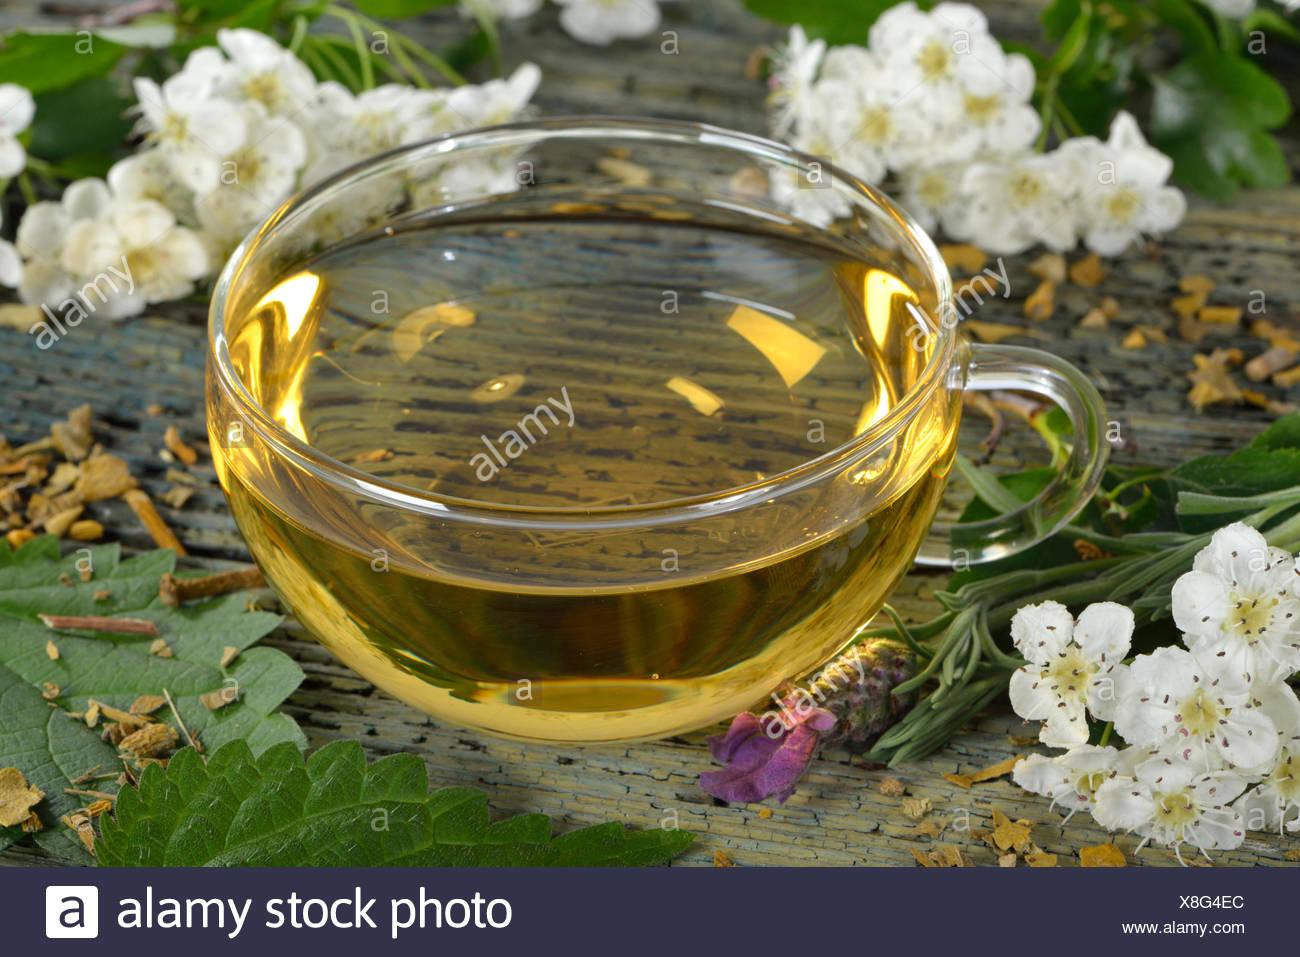 Cardiovascular tea, Mistletoe, valerian, common lavender, hawthorn herb, nettle, hibiscus / (Viscum album), (Crataegus monogyna), (Common valerian), (Urtica dioica), (Hibiscus sabdariffa), (Valeriana officinalis), ( Lavandula angustifolia) - Stock Image